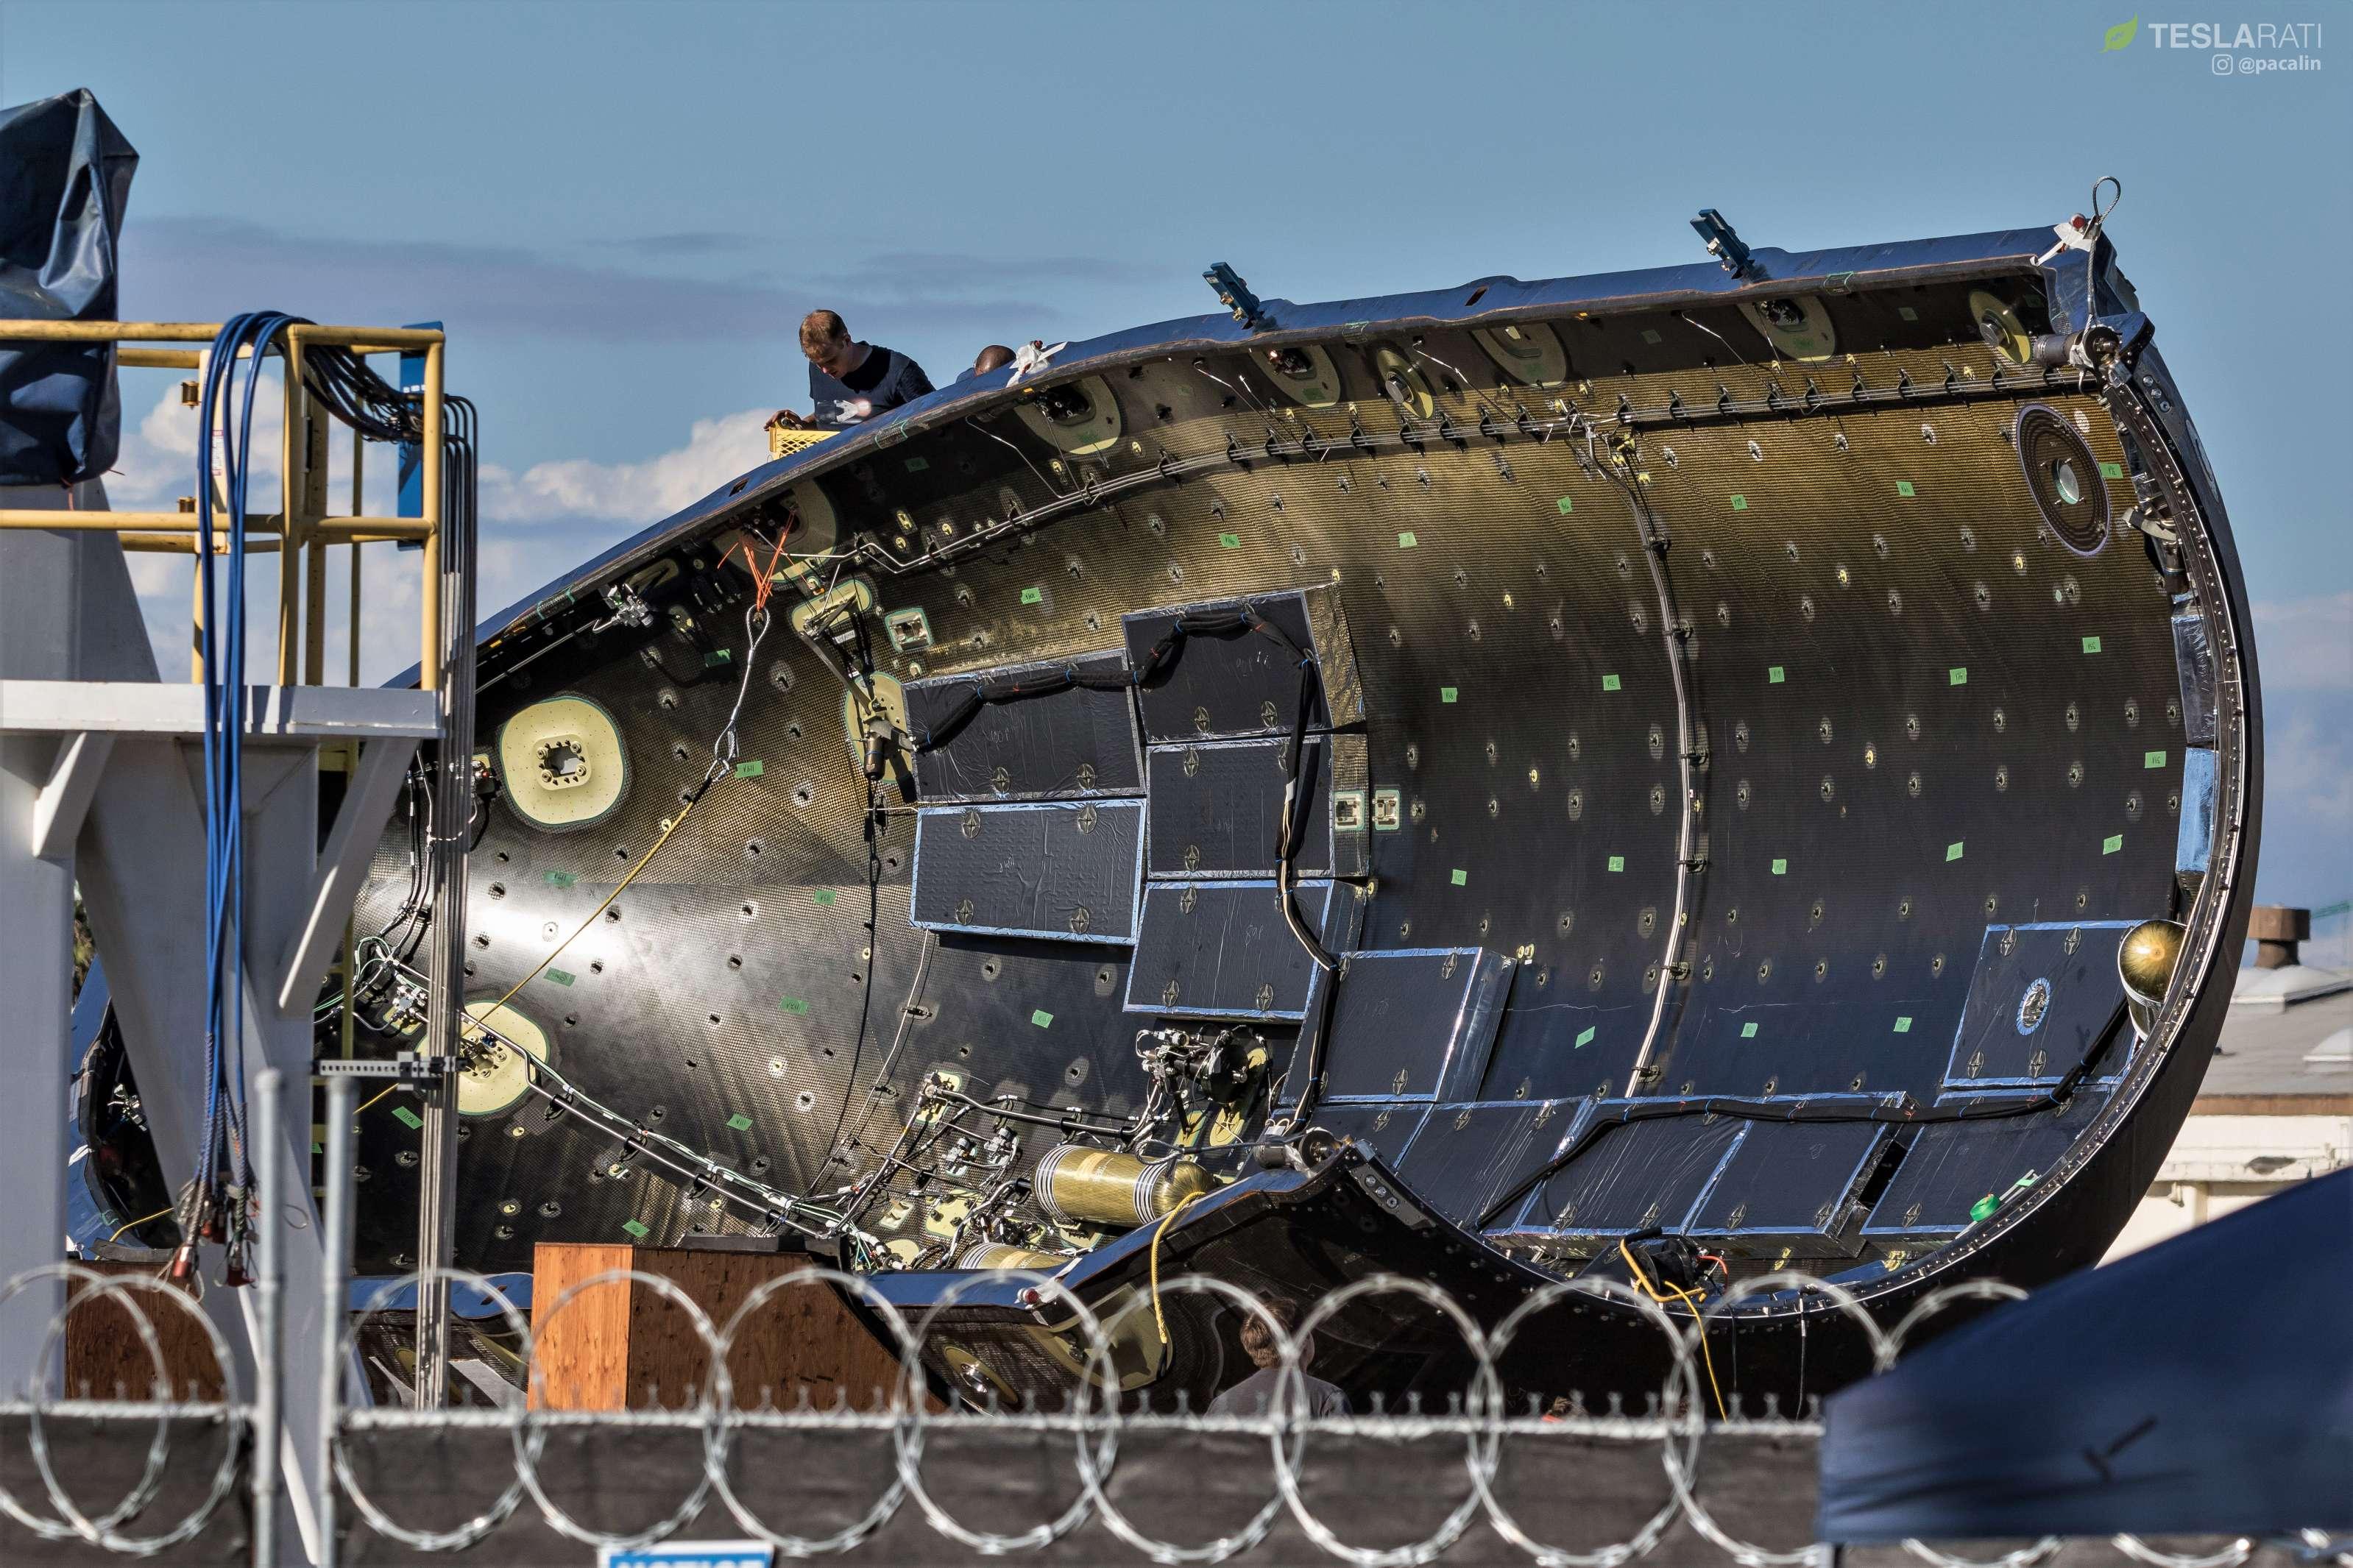 Falcon-fairing-drop-test-prep-100418-Pau